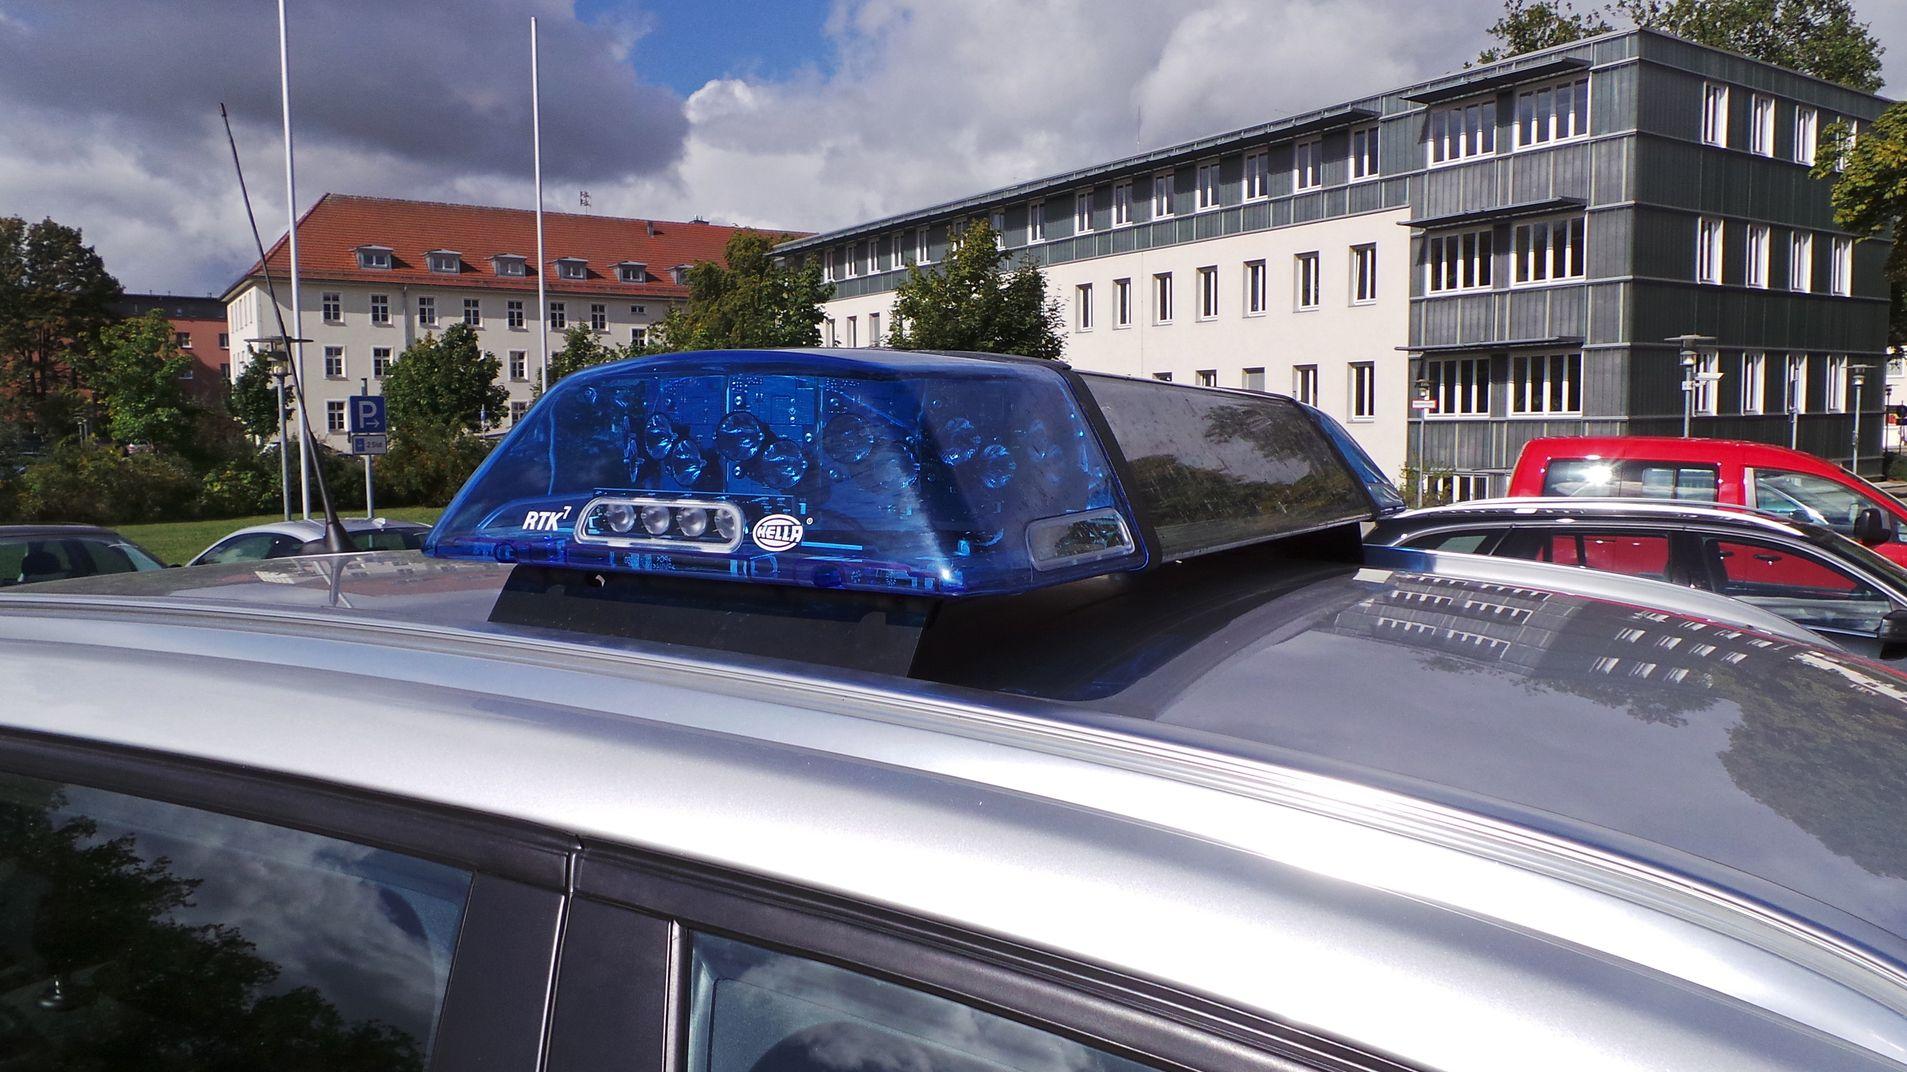 Symbolbild – Blaulicht auf einem Polizeiauto